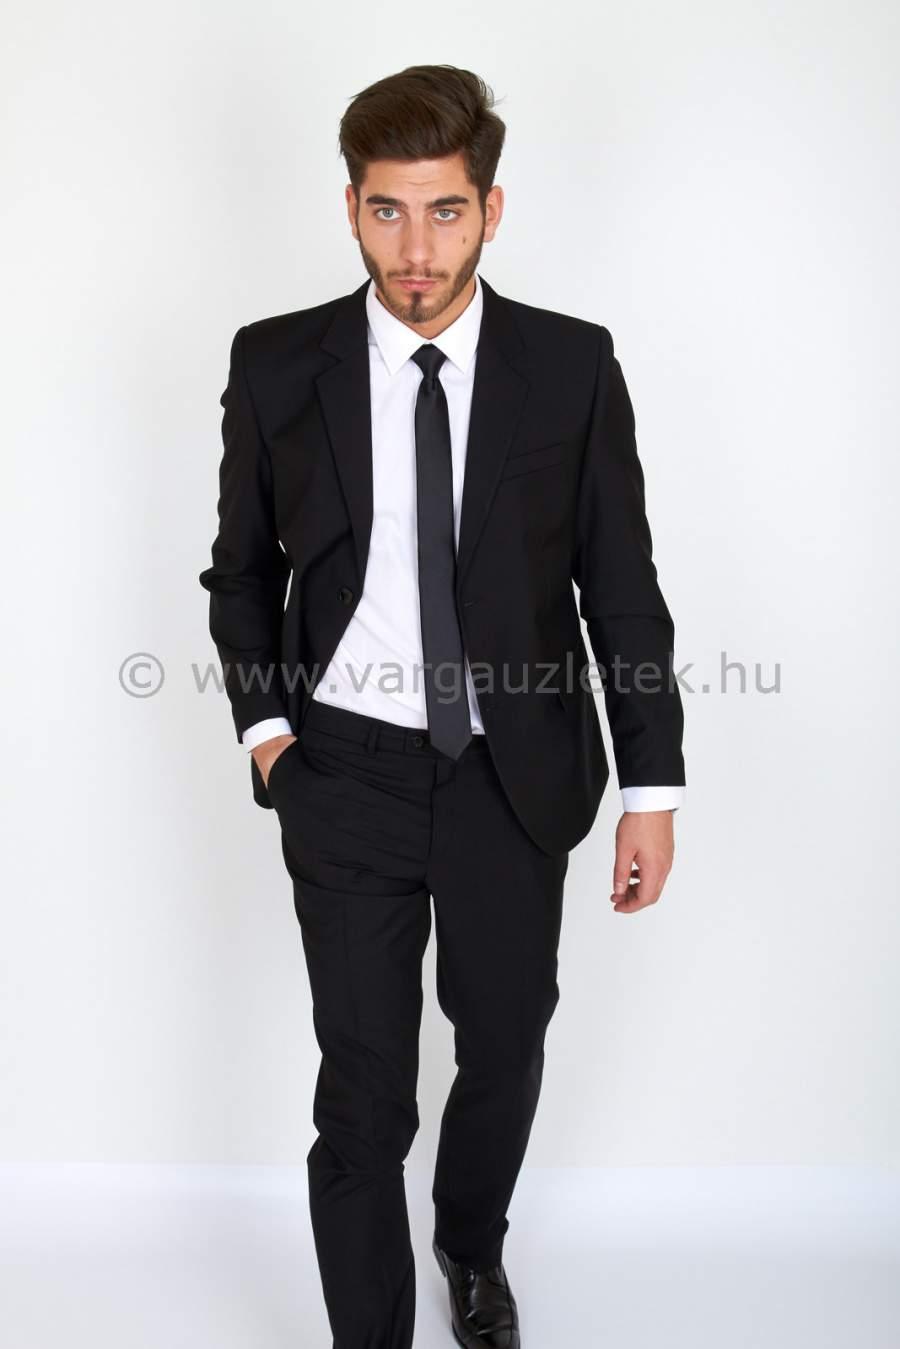 Alnwick | Férfi divat ruházat webshop. Öltönyök, ingek